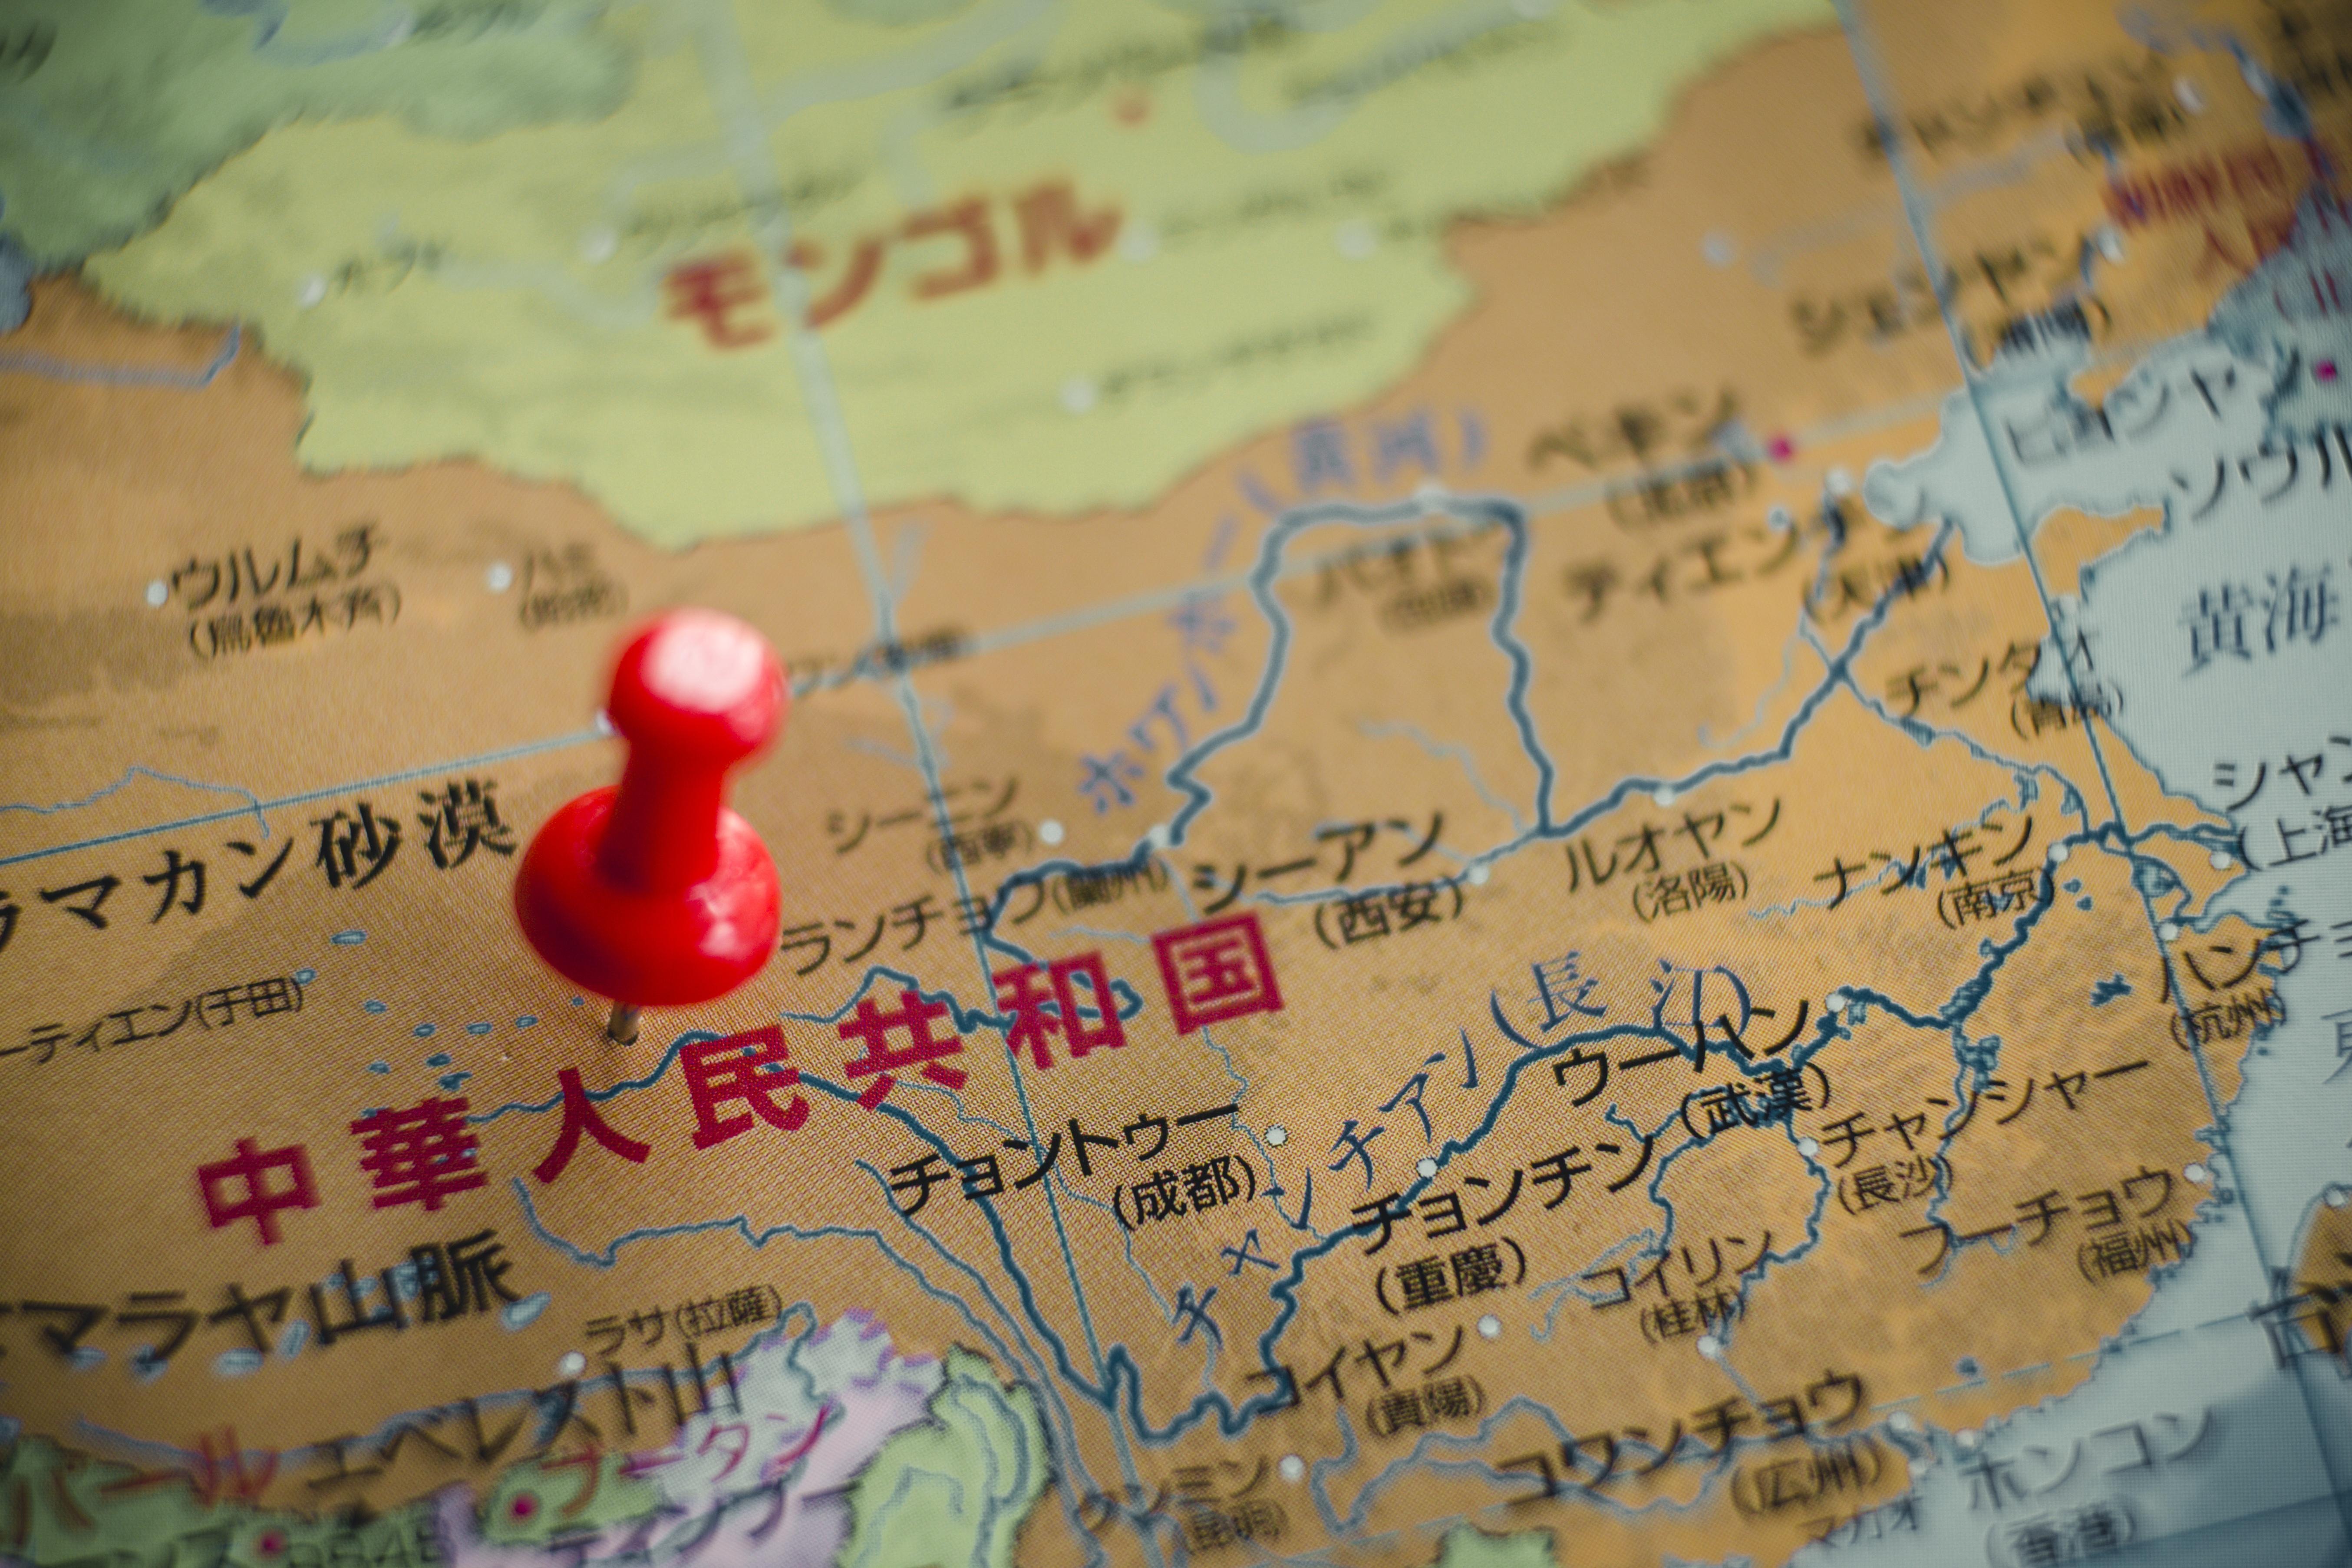 中国人を就労ビザで雇用なら東京都港区の行政書士法人エベレスト東京品川事務所が解説します。東京都・神奈川県・千葉県・埼玉県・静岡・愛知県対応!